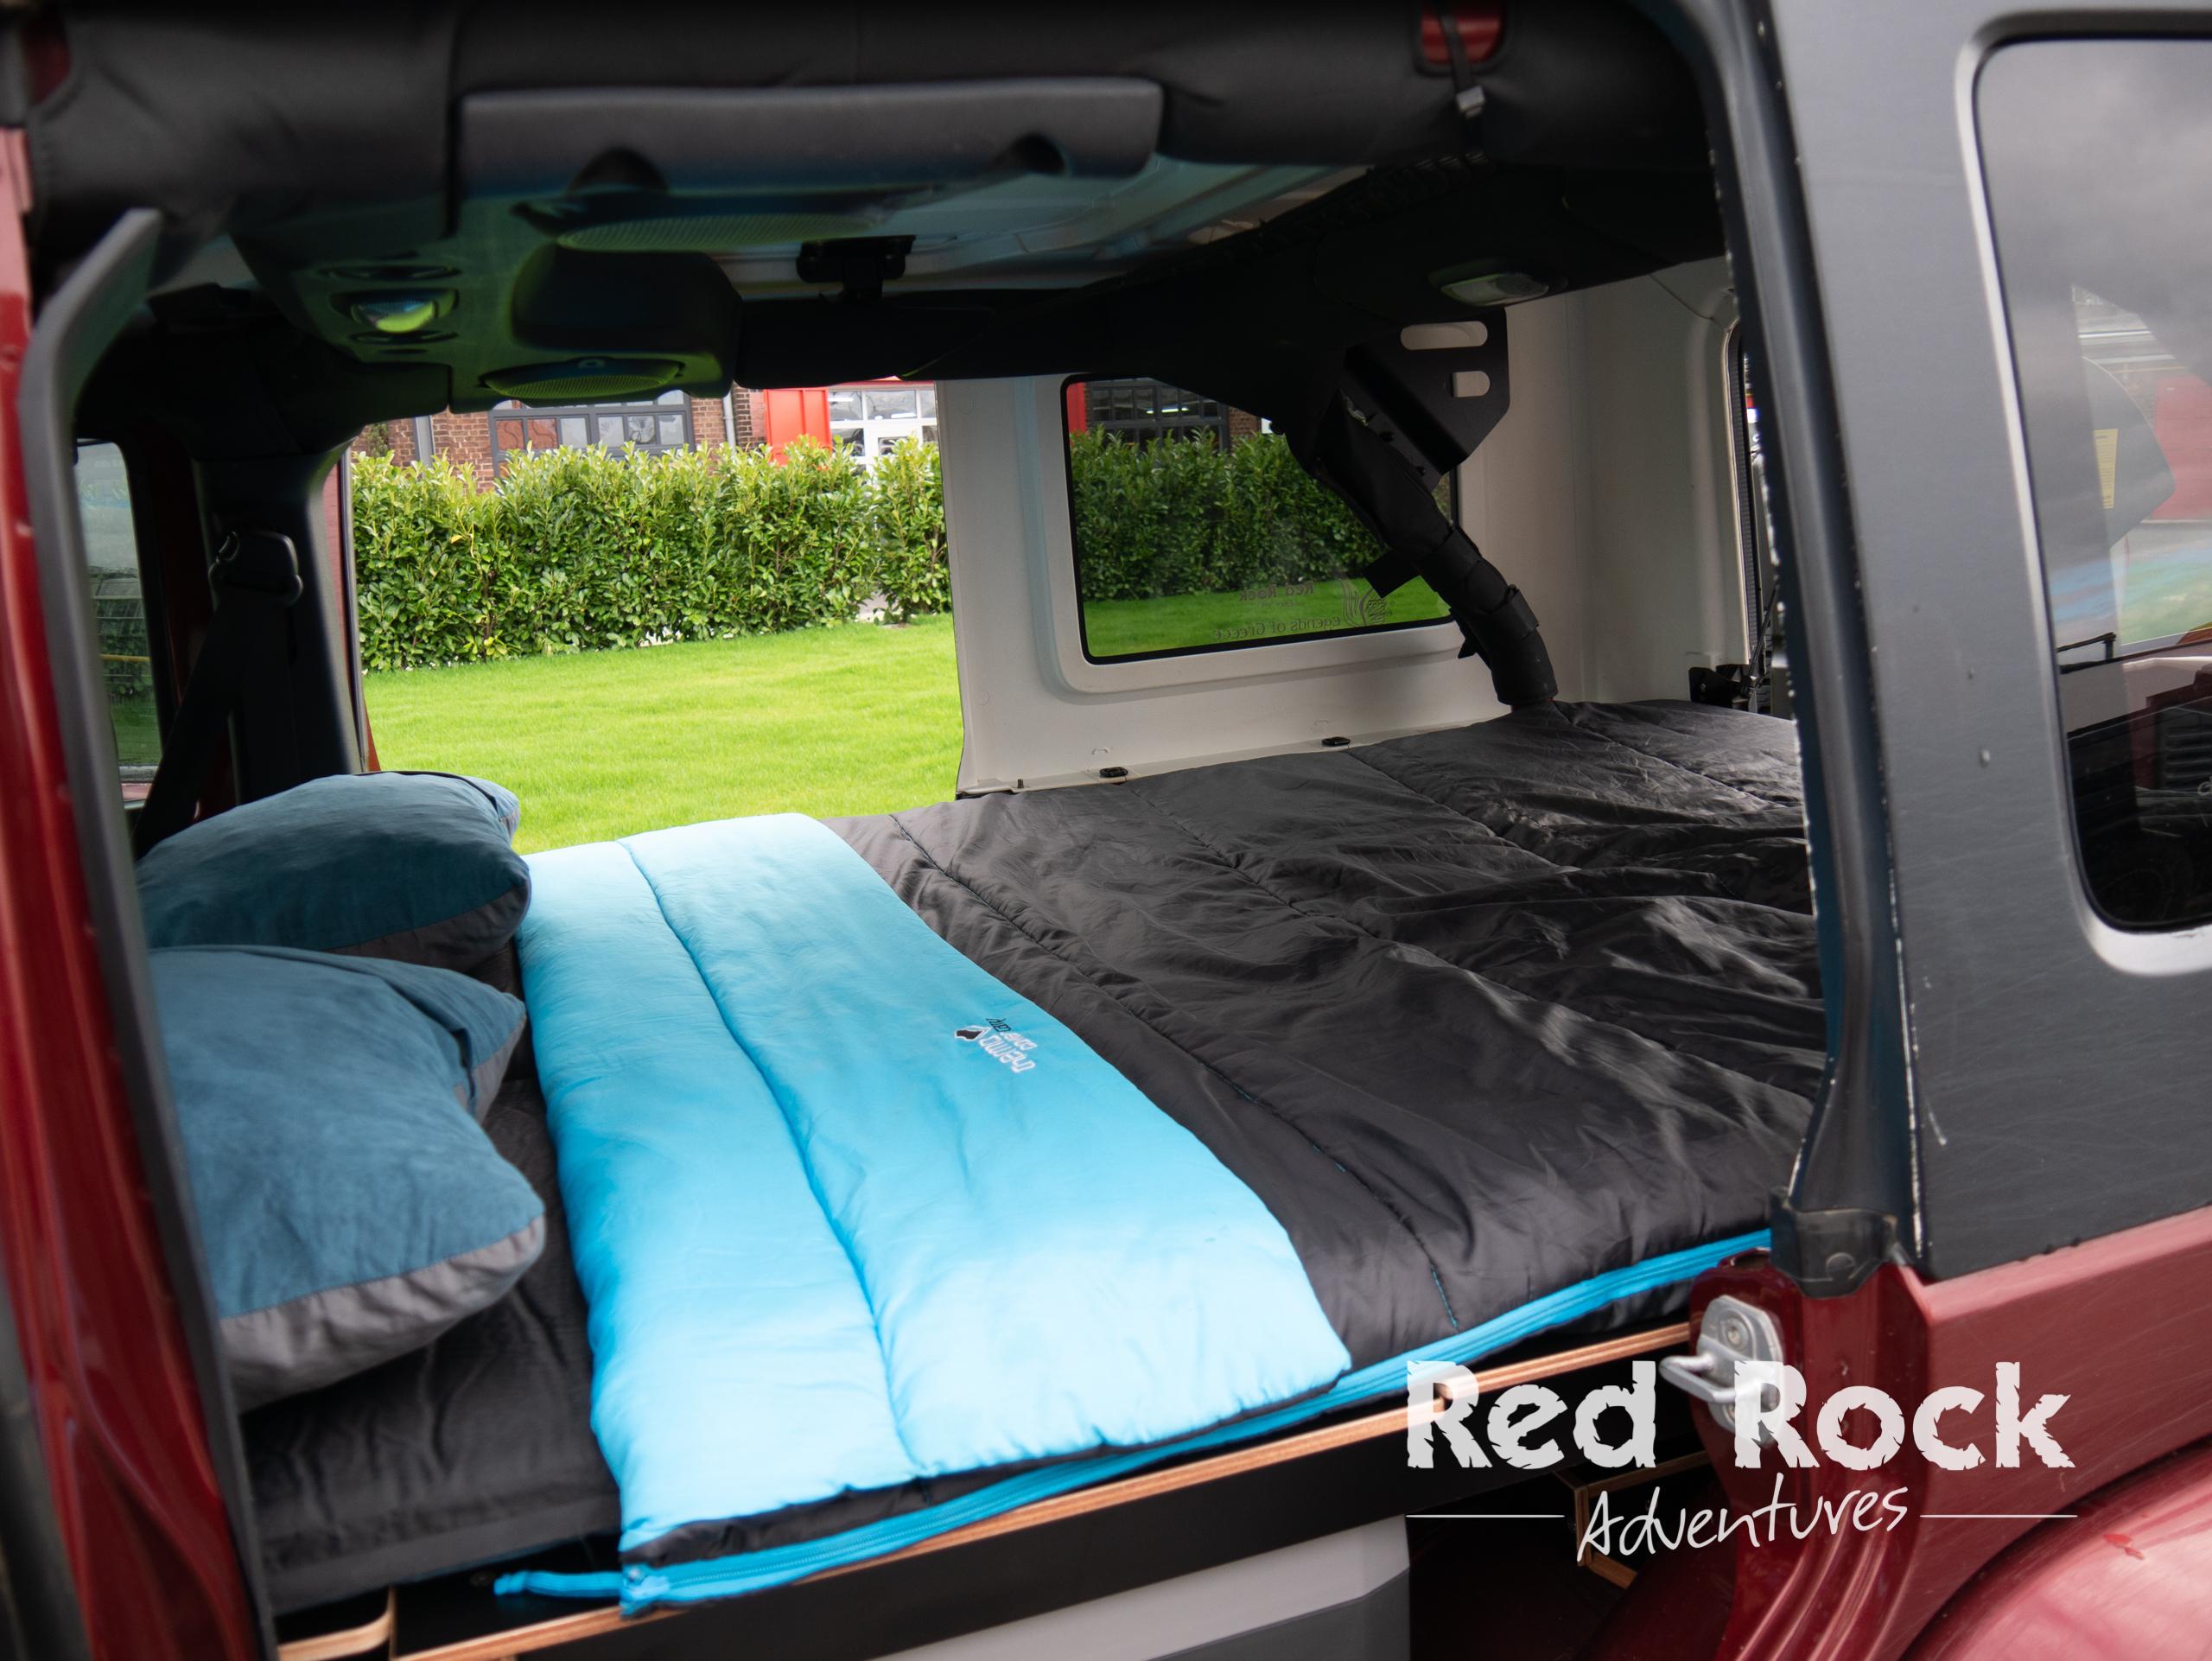 Jeep Wrangler Schlaufausbau Flexplorer von Red Rock Adventures.